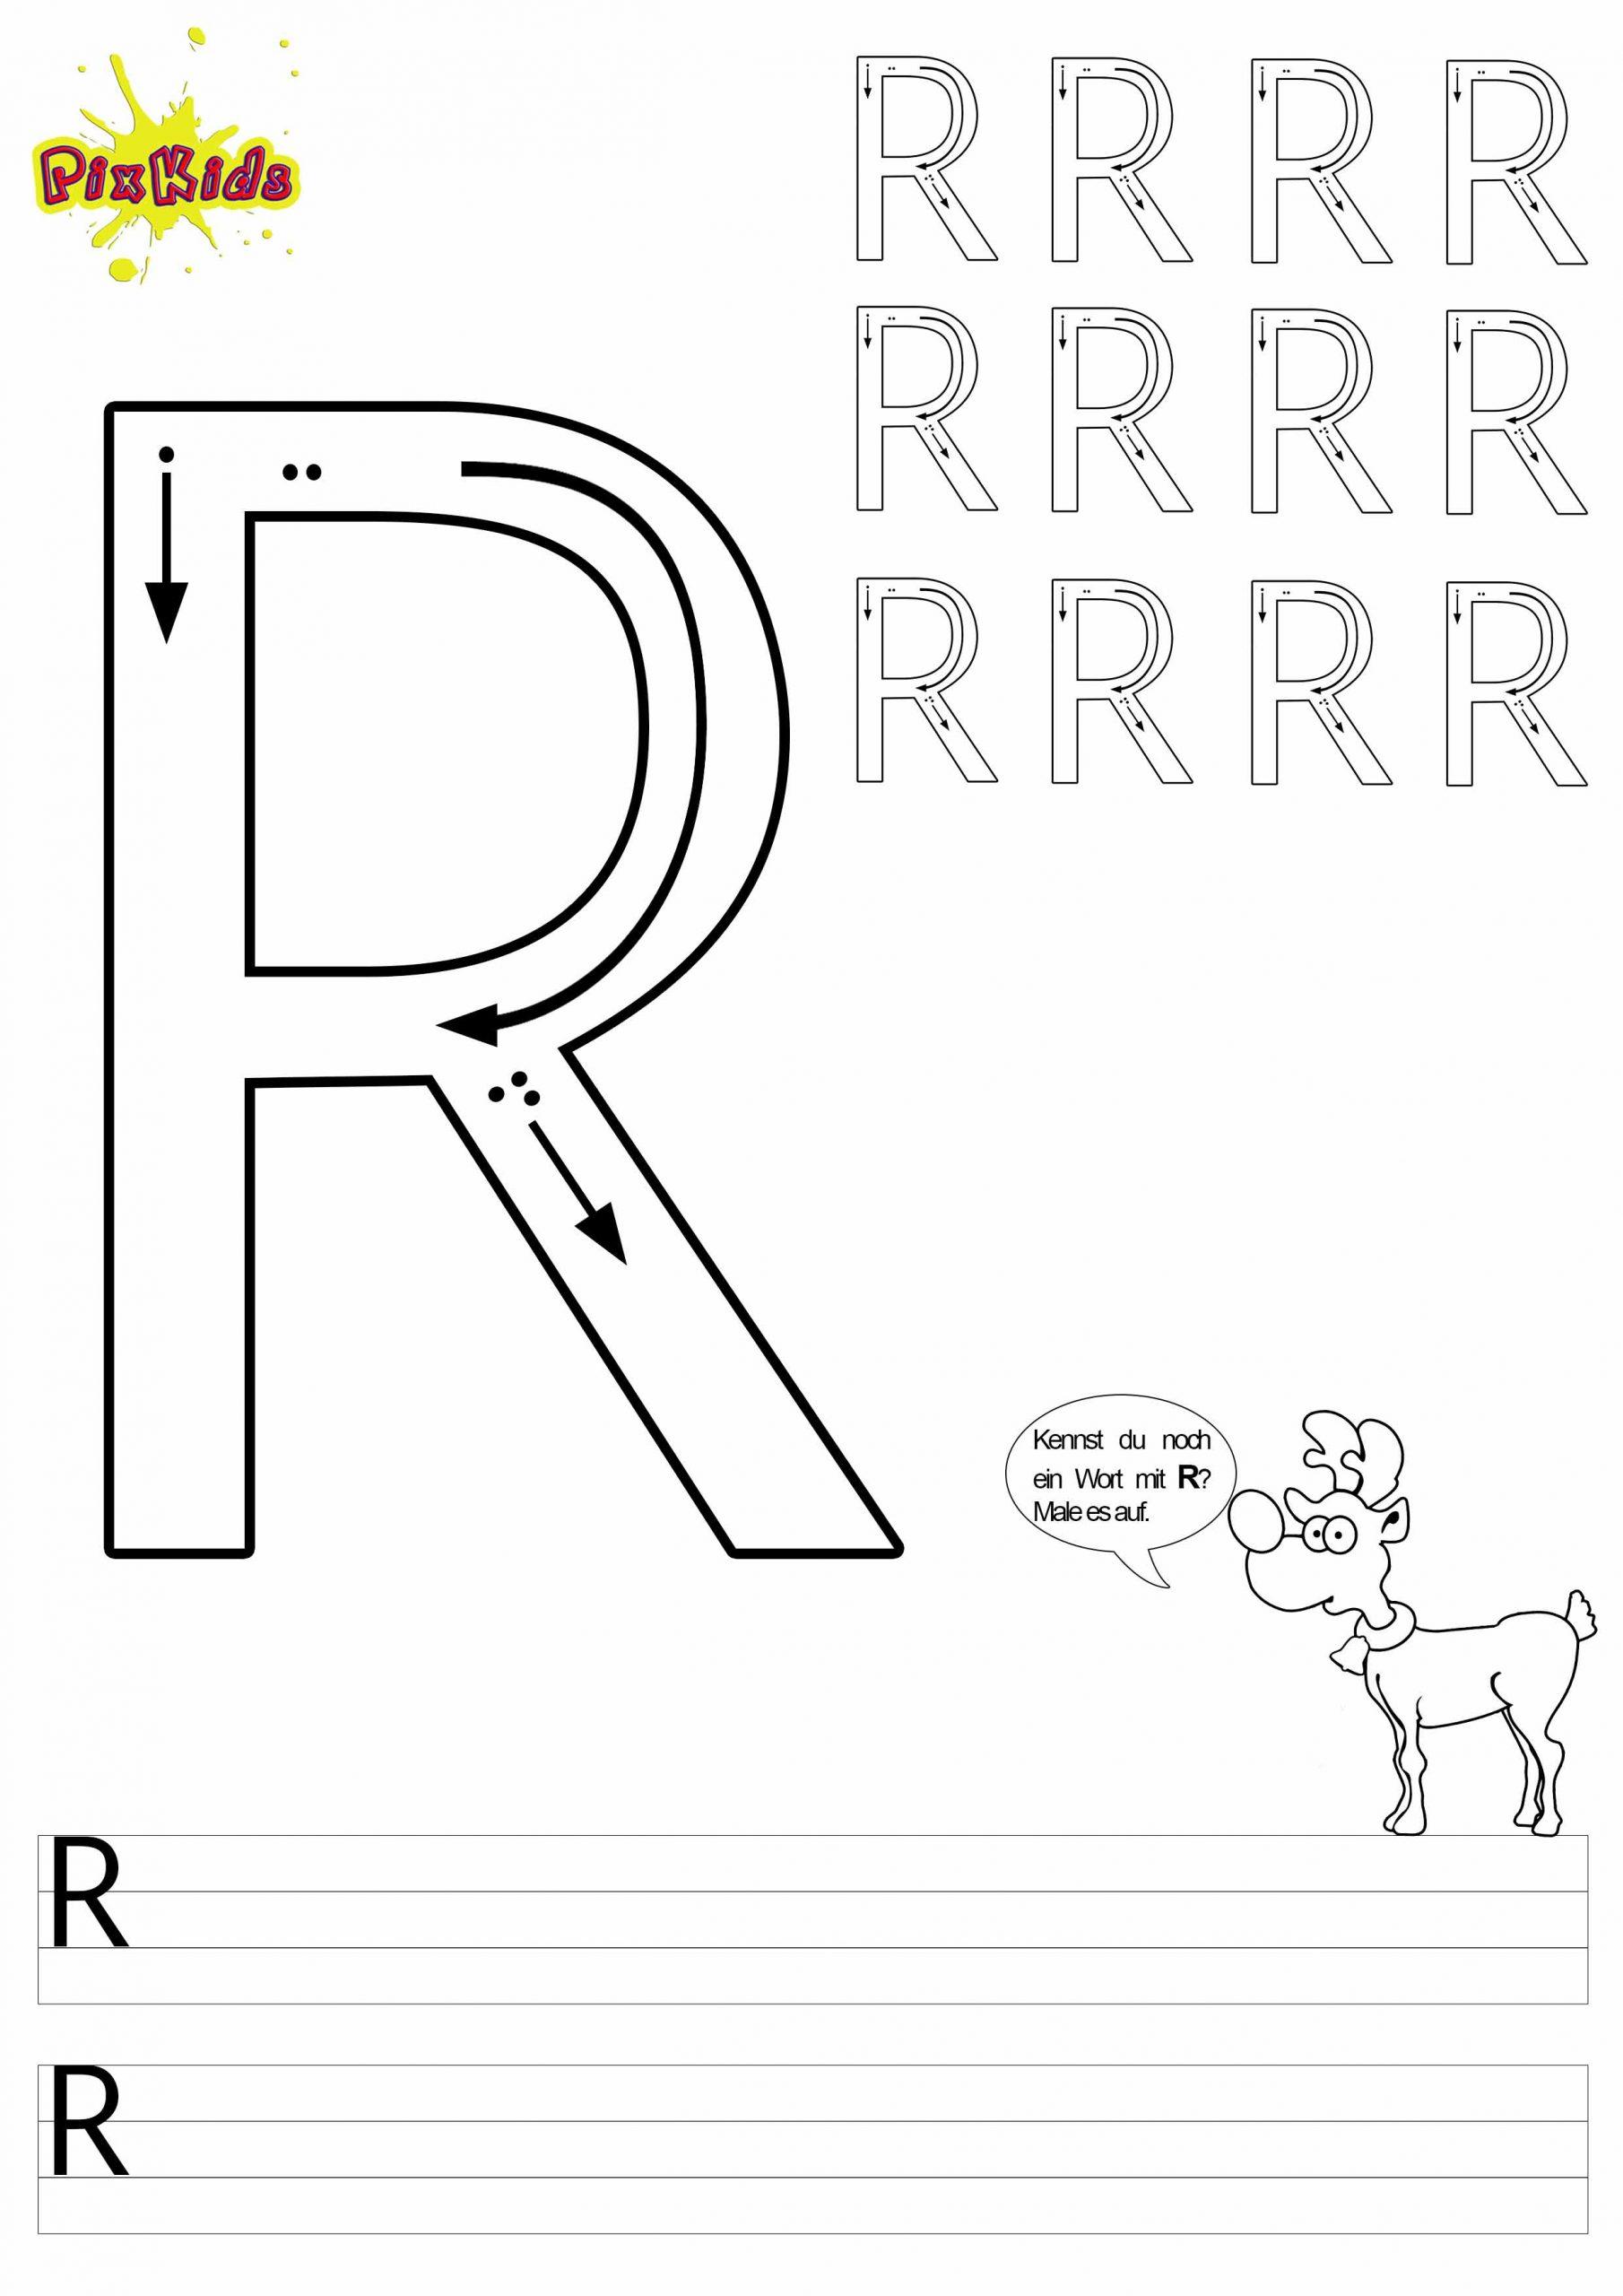 Buchstaben Schreiben Lernen Arbeitsblätter – Buchstabe R innen Buchstaben Ausdrucken